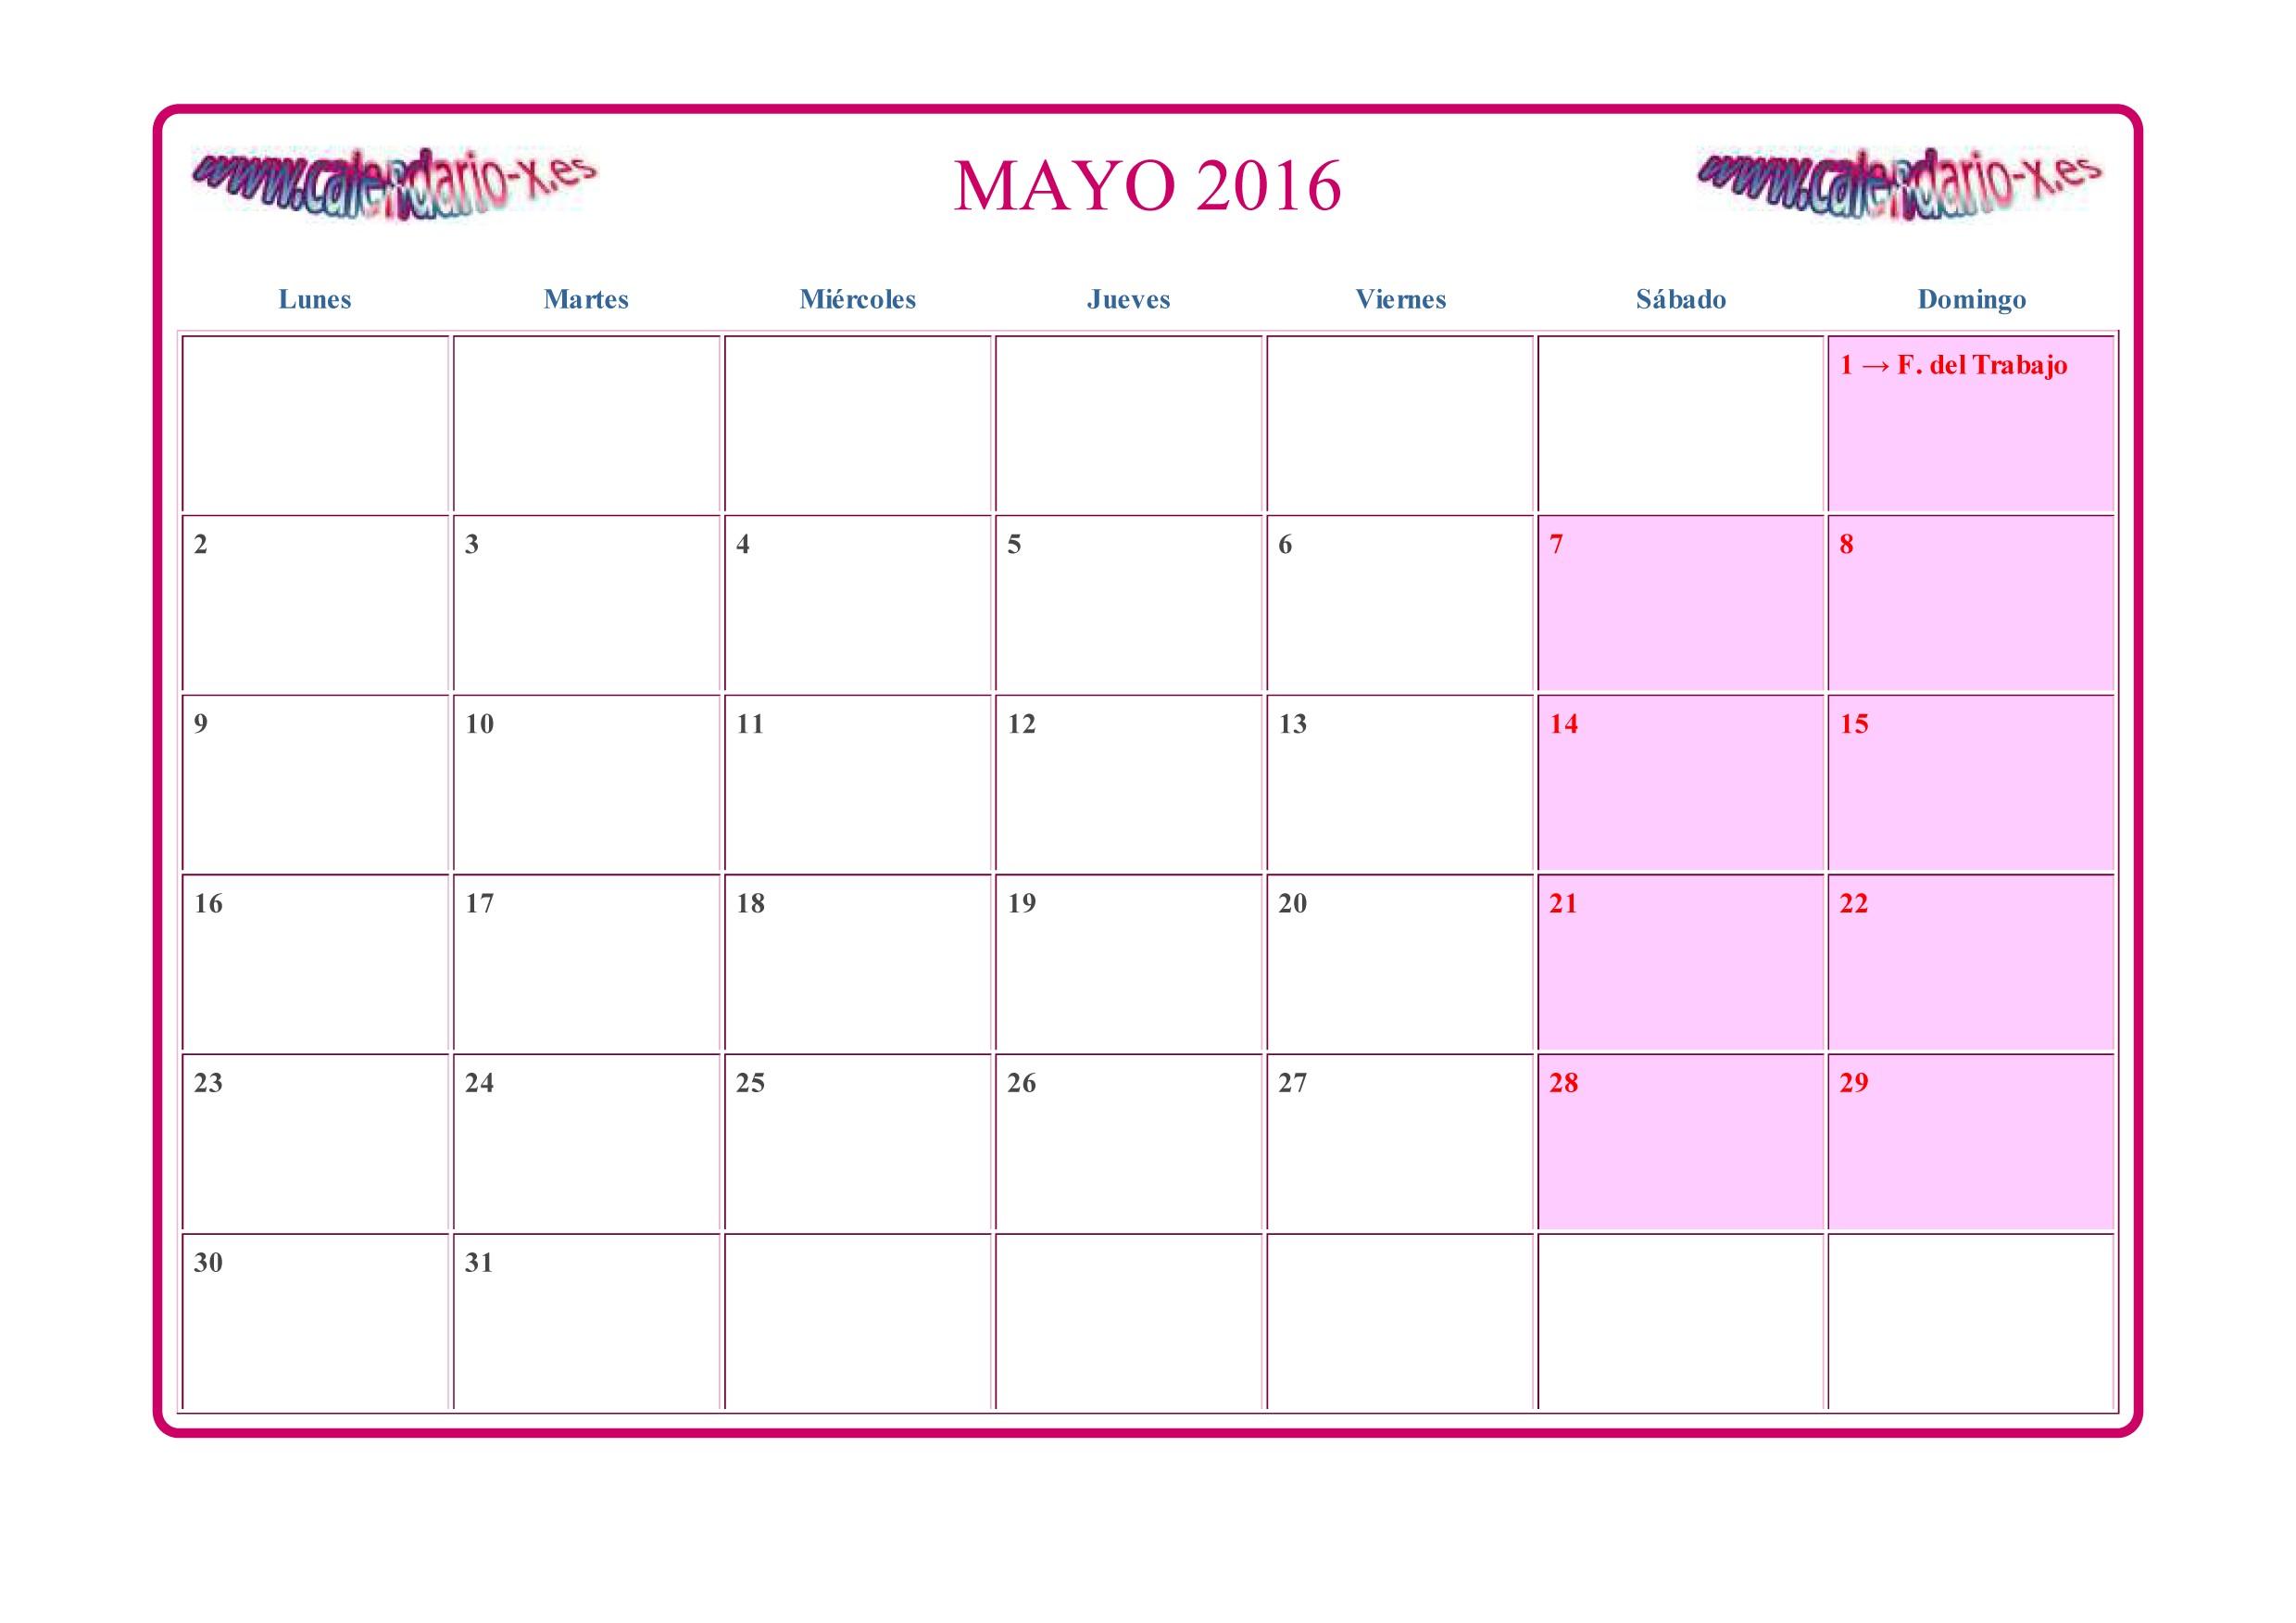 Calendario Planeador 2019 Colombia Para Imprimir Más Recientes Mayo 2016 Swfoo S Of Calendario Planeador 2019 Colombia Para Imprimir Más Caliente Image for Febrero Argentina Calendario 2018